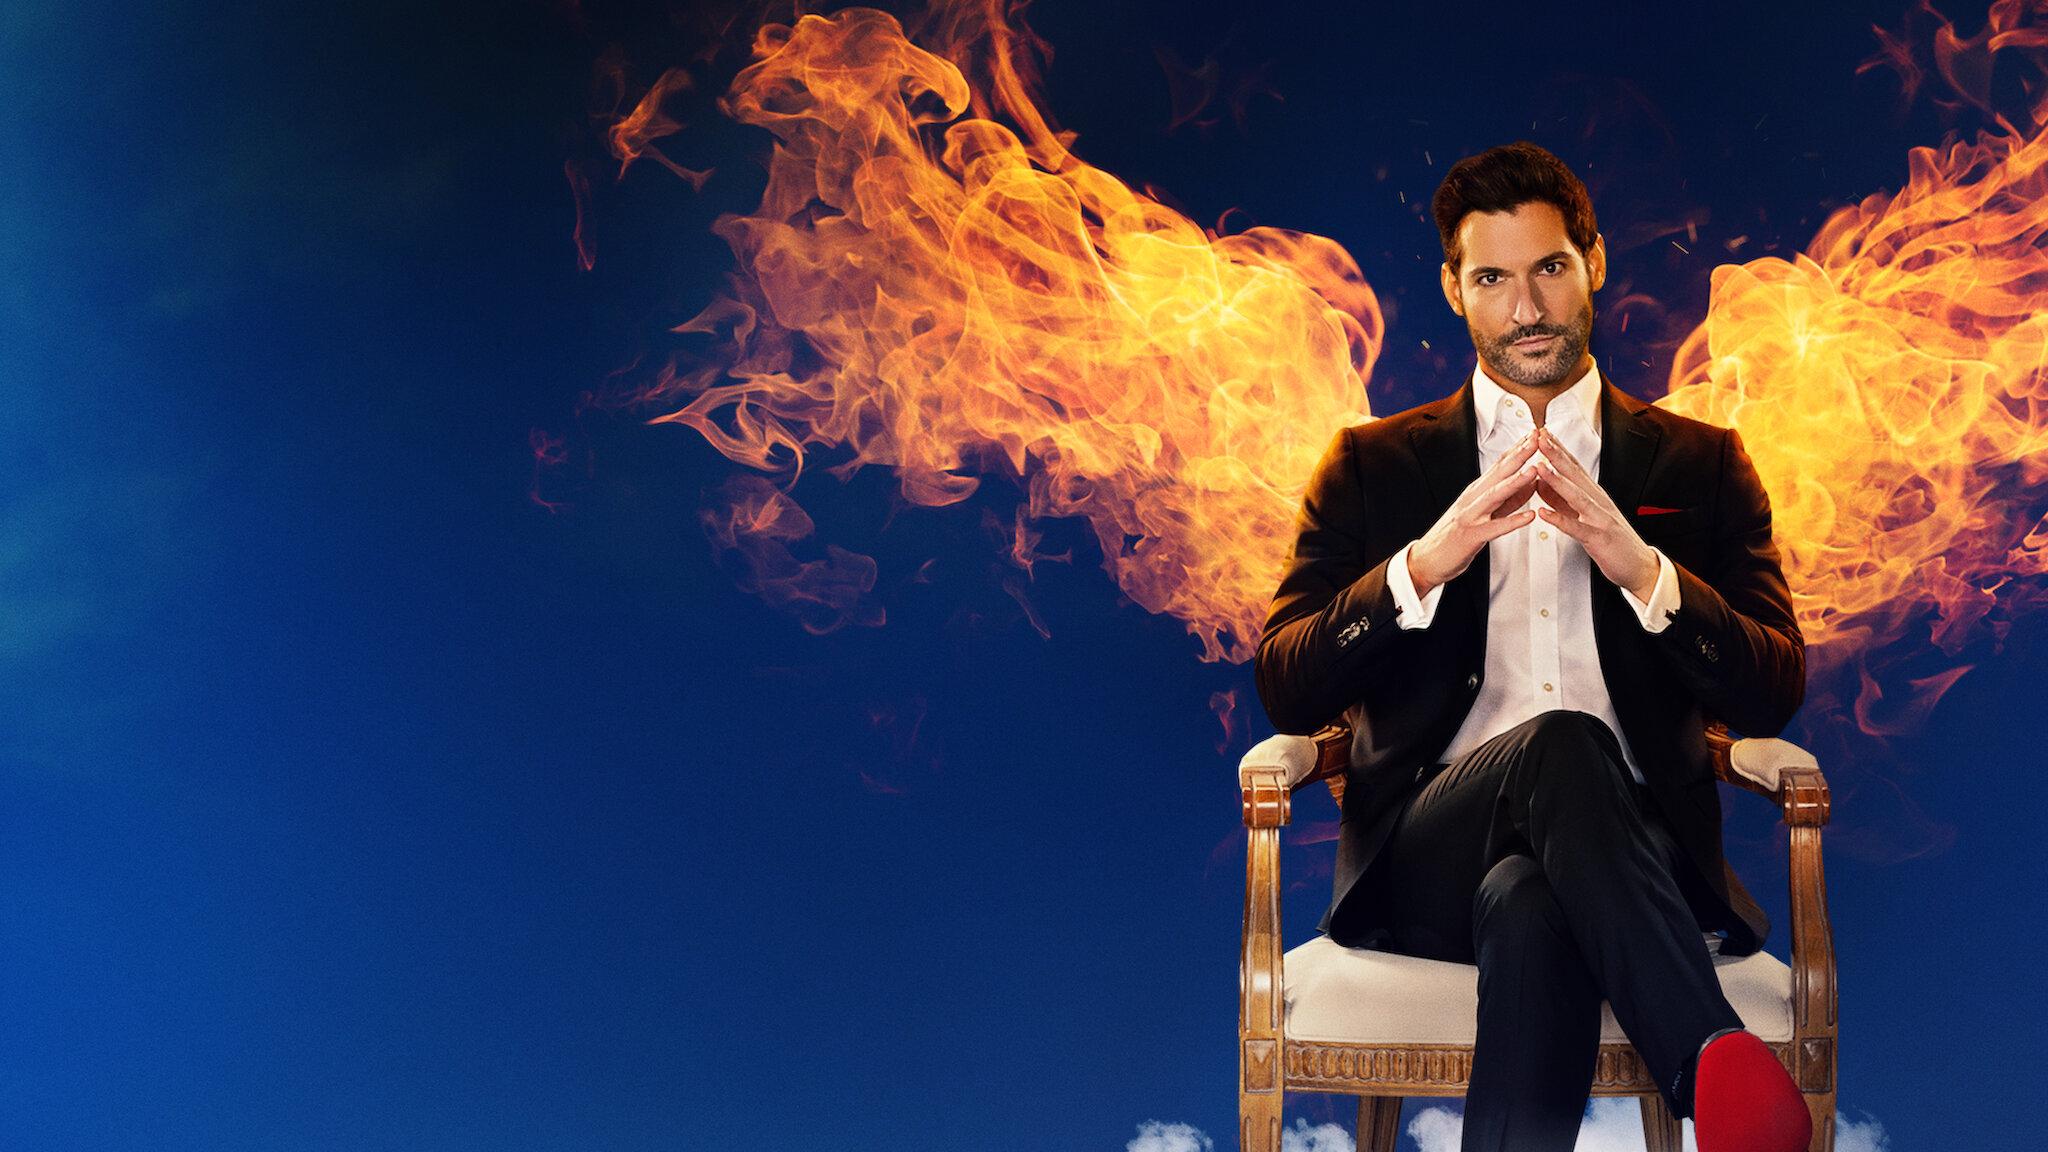 Lucifer [Season 6]